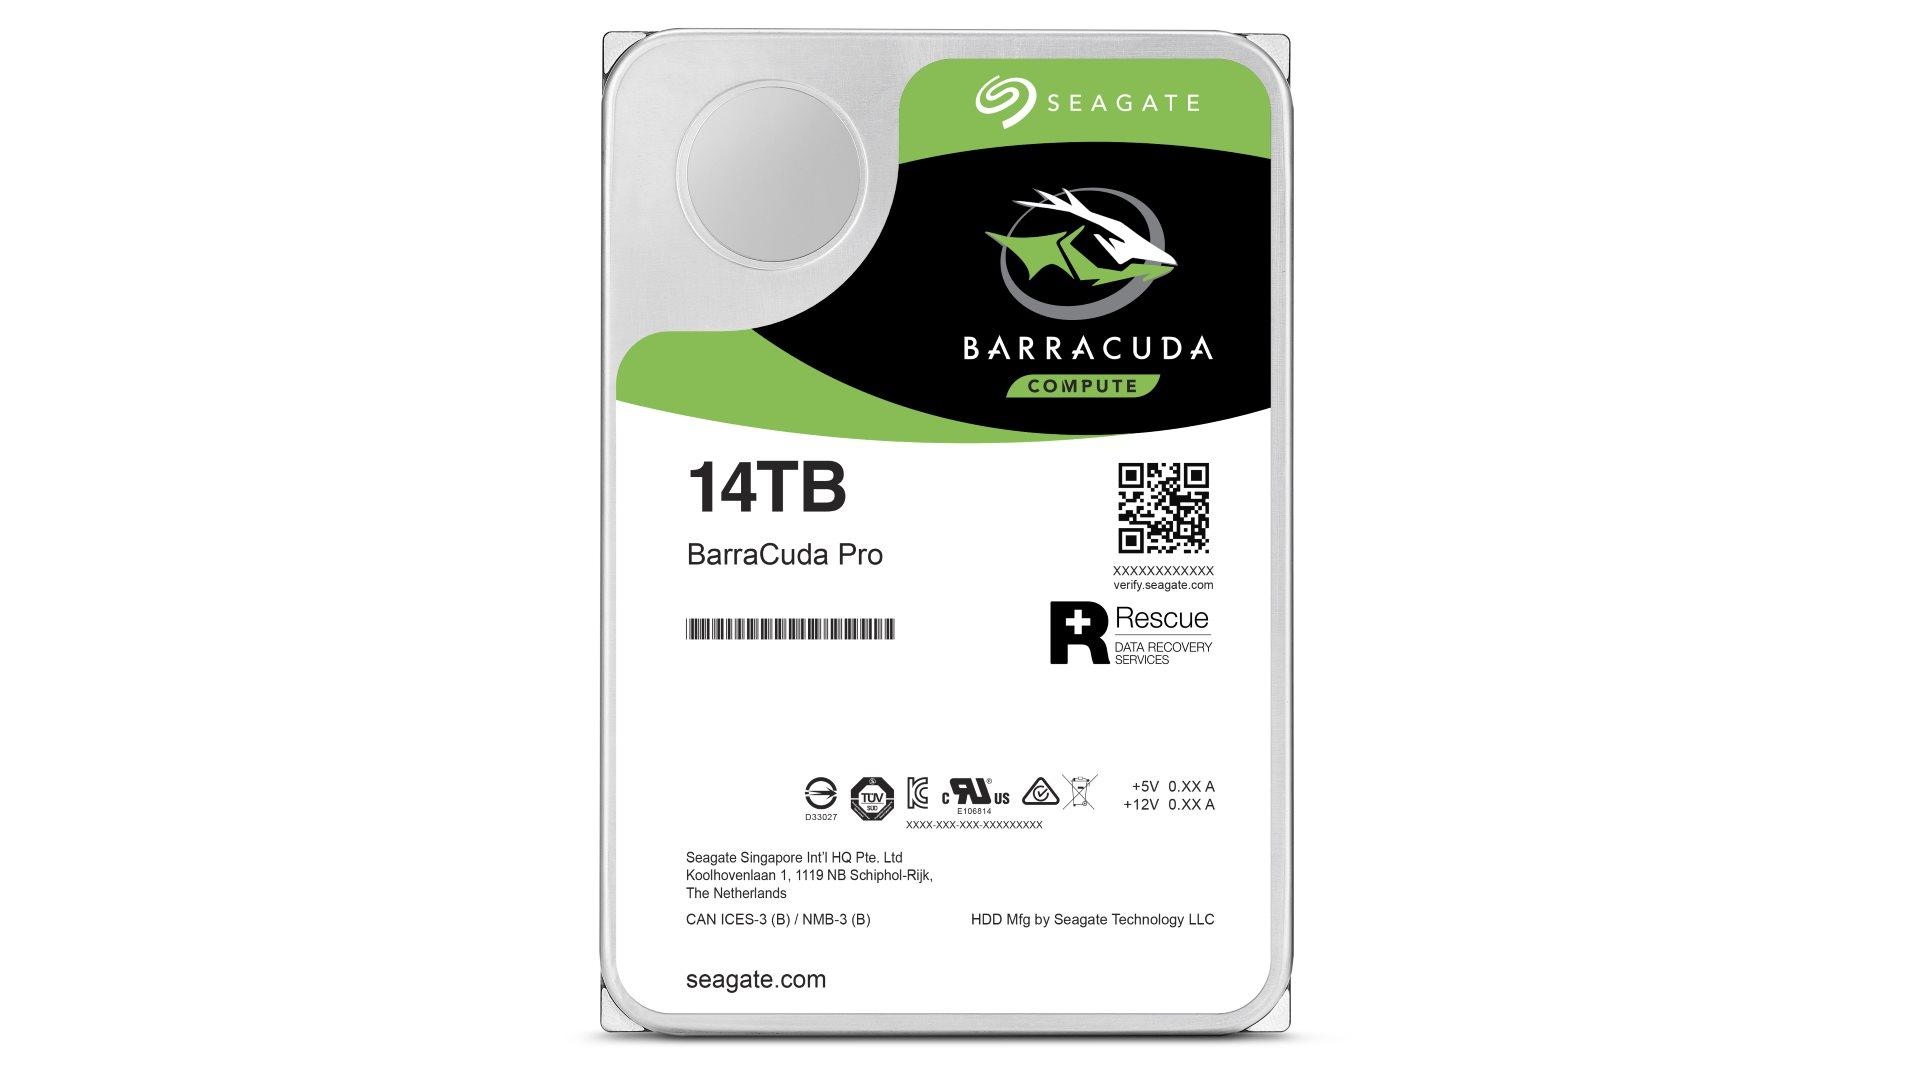 На иллюстрации изображён жёсткий диск Seagate Barracuda в профиль